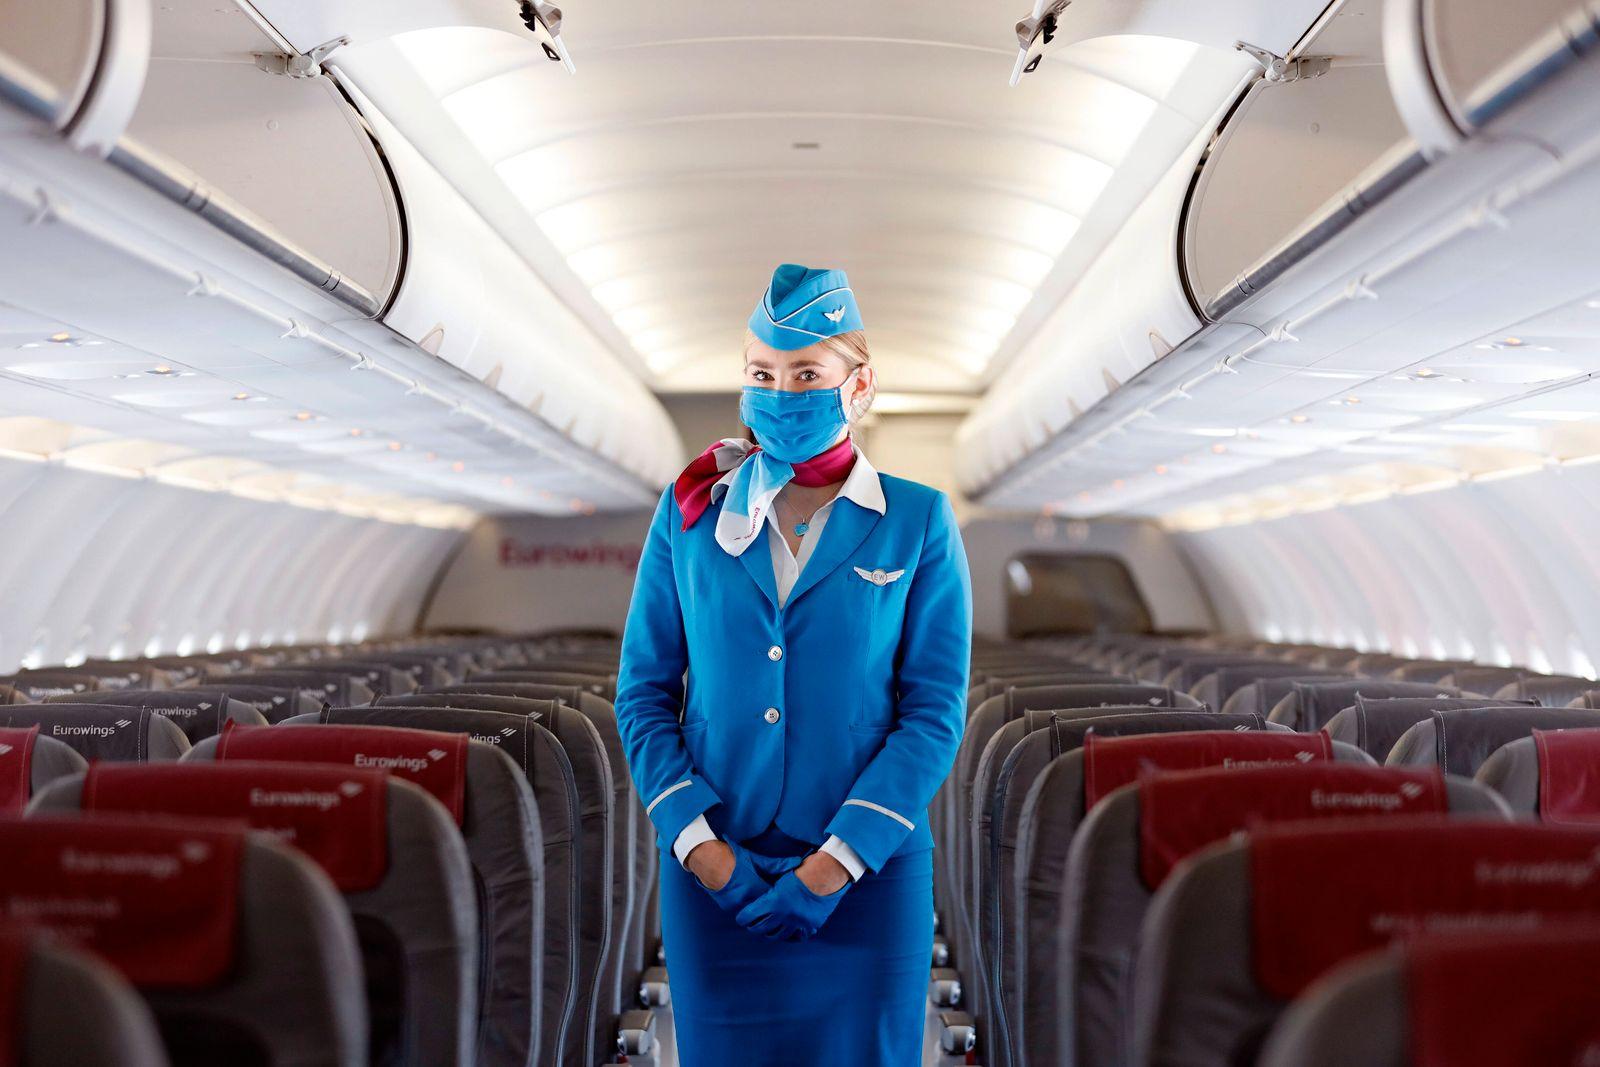 Stewardess von Eurowings bei der Vorstellung des Sicherheitskonzepts am Flughafen Köln Bonn während der Coronakrise Sic